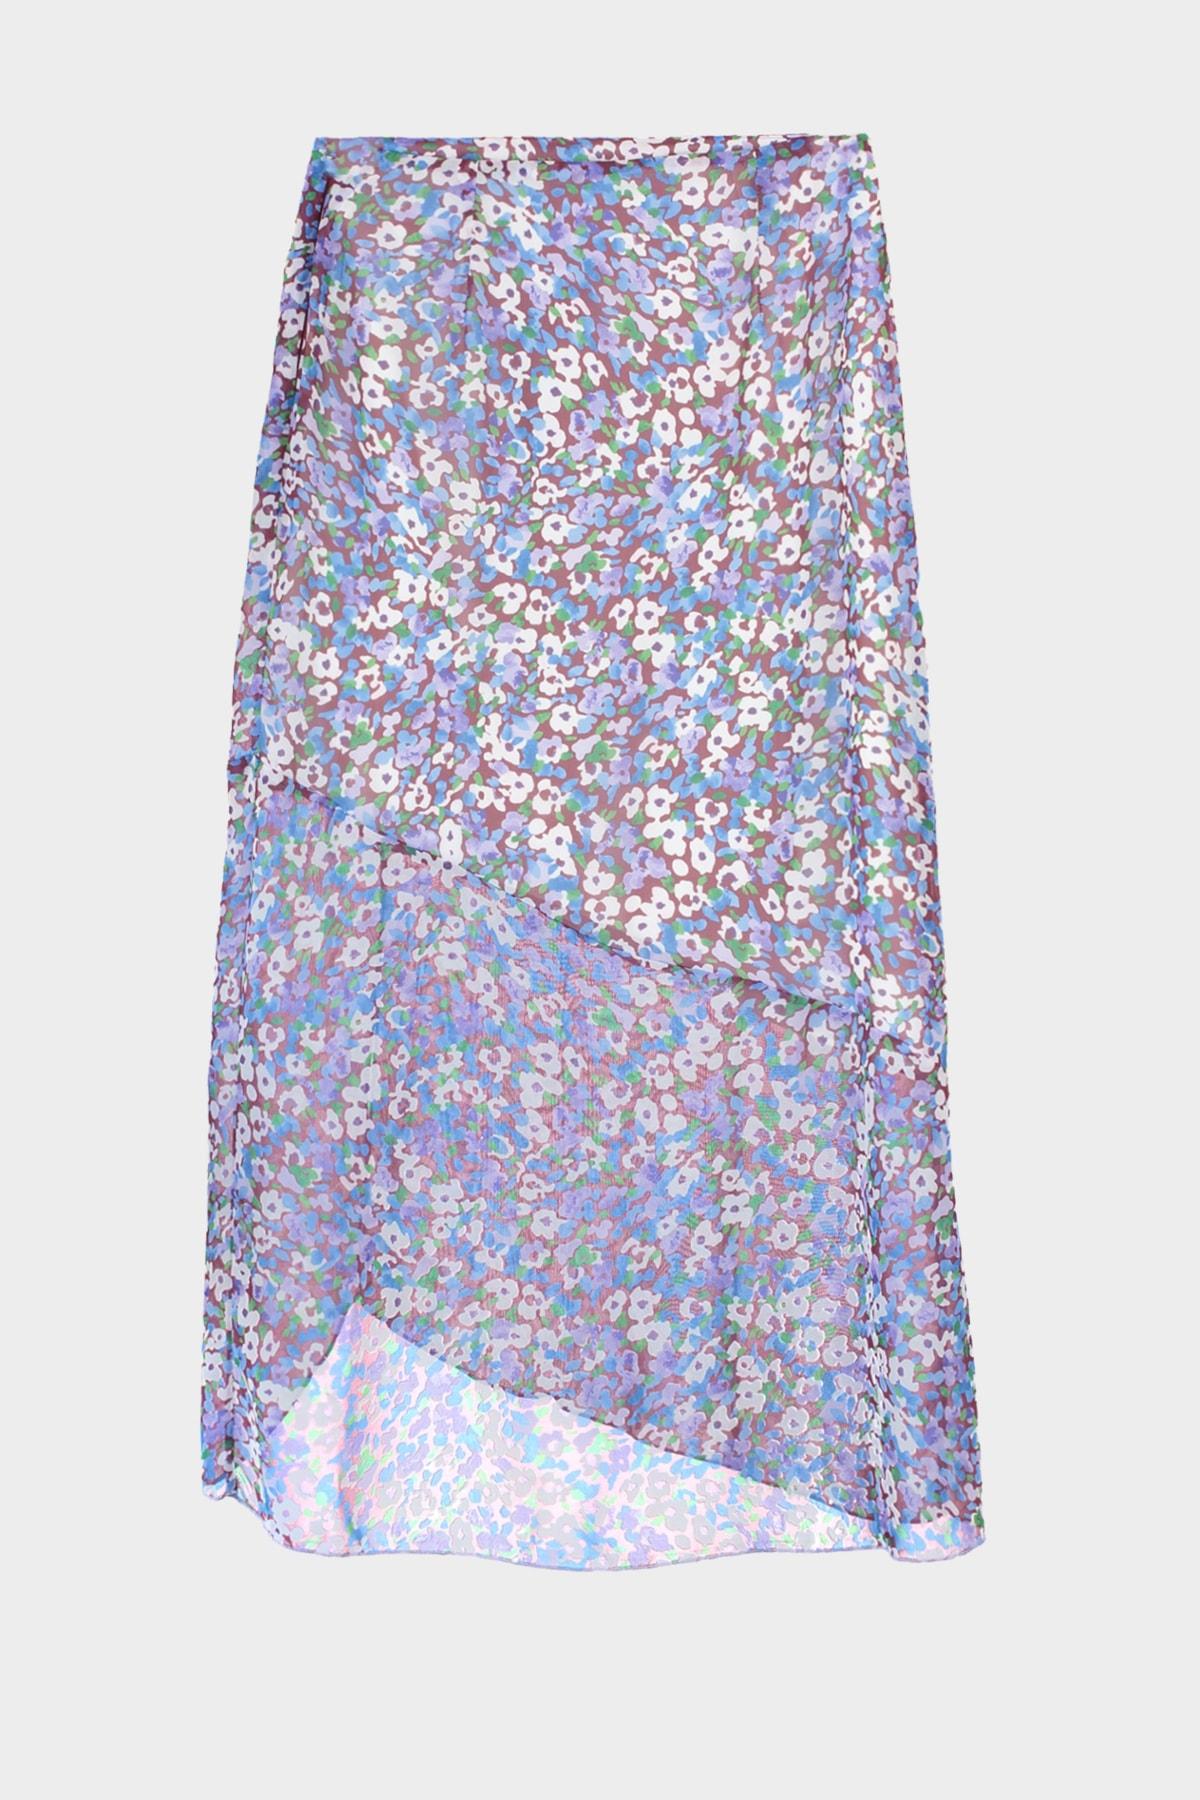 Trendyol Black Pattern Tulle Detailed Skirt TWOSS20ET0253